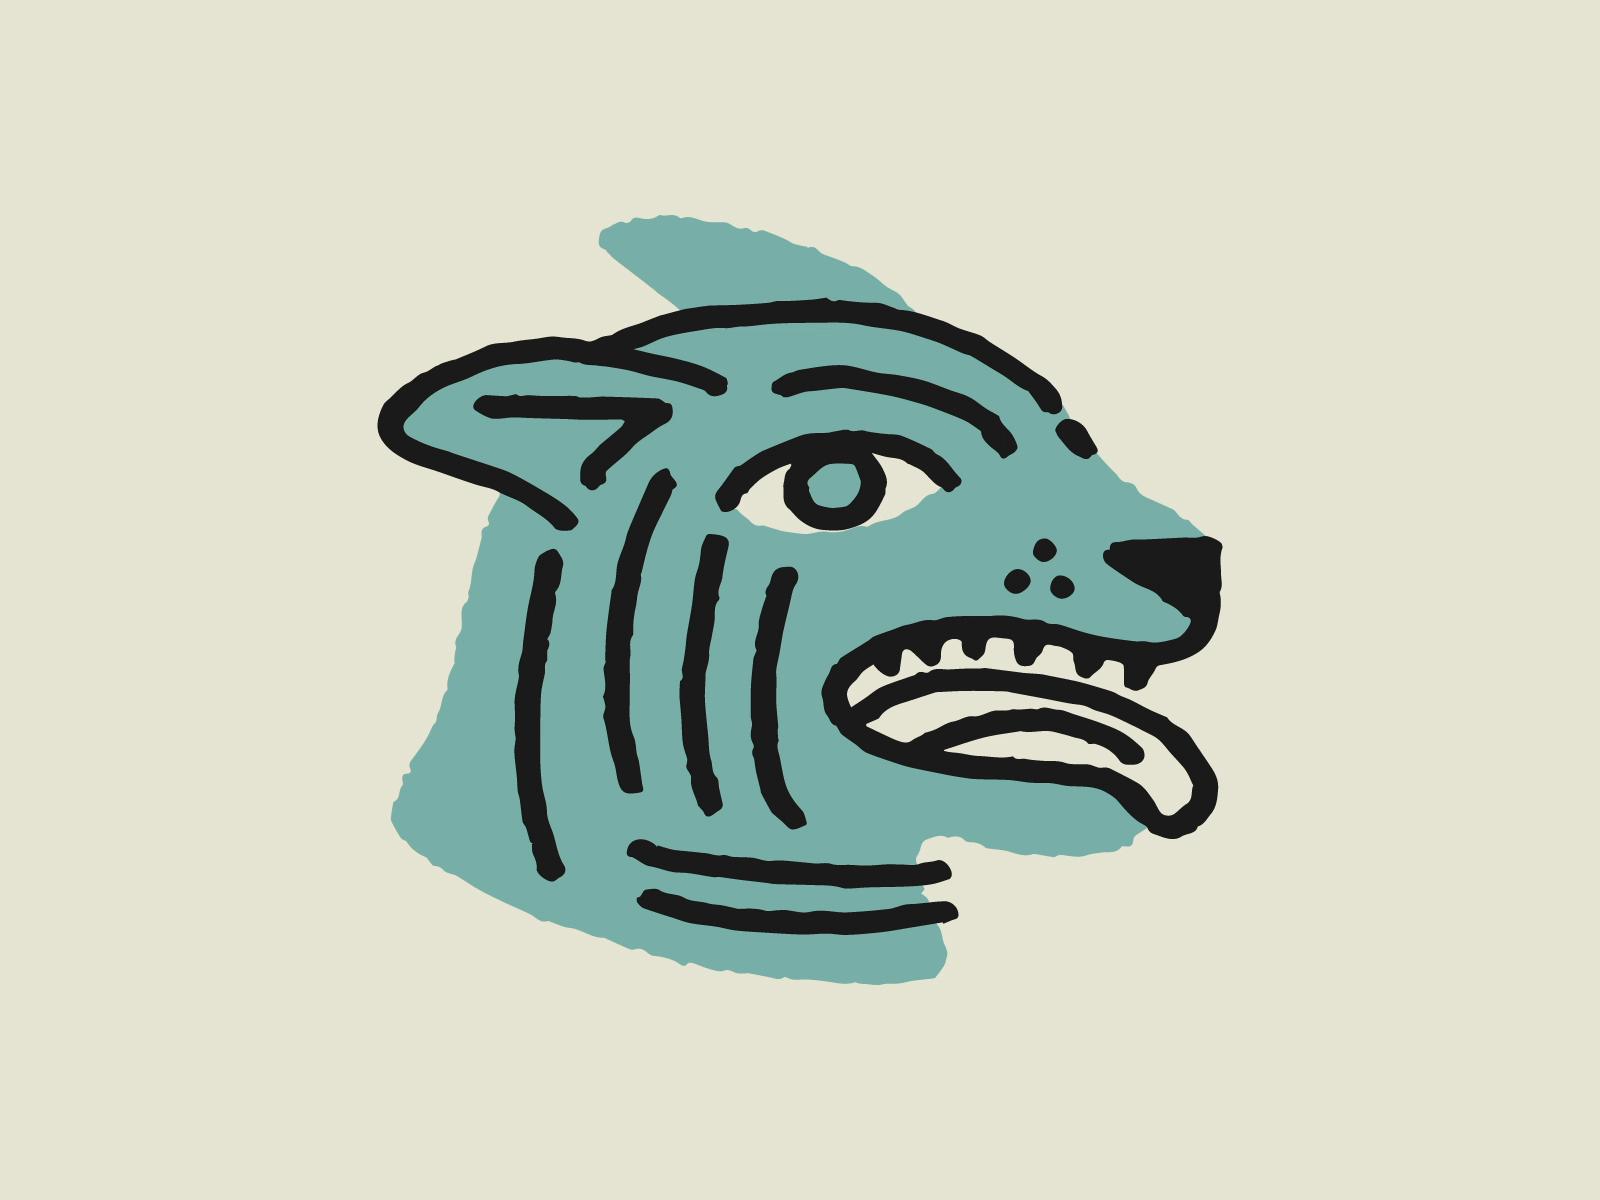 Tiger Dog - Revisited